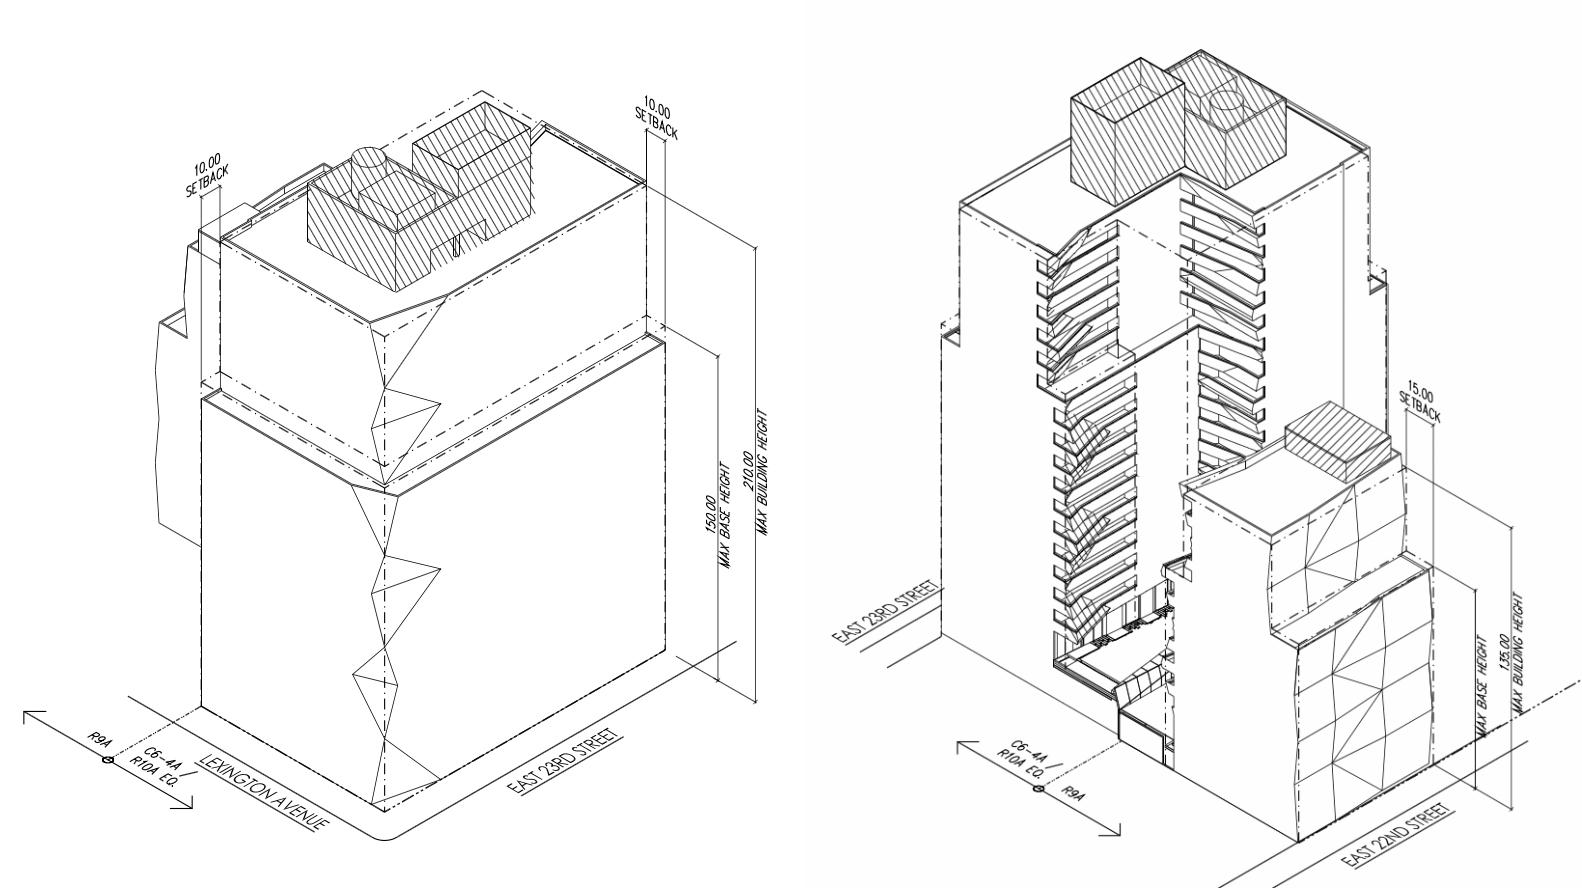 New Details Schematics For 18 Story 133 Unit Condominium